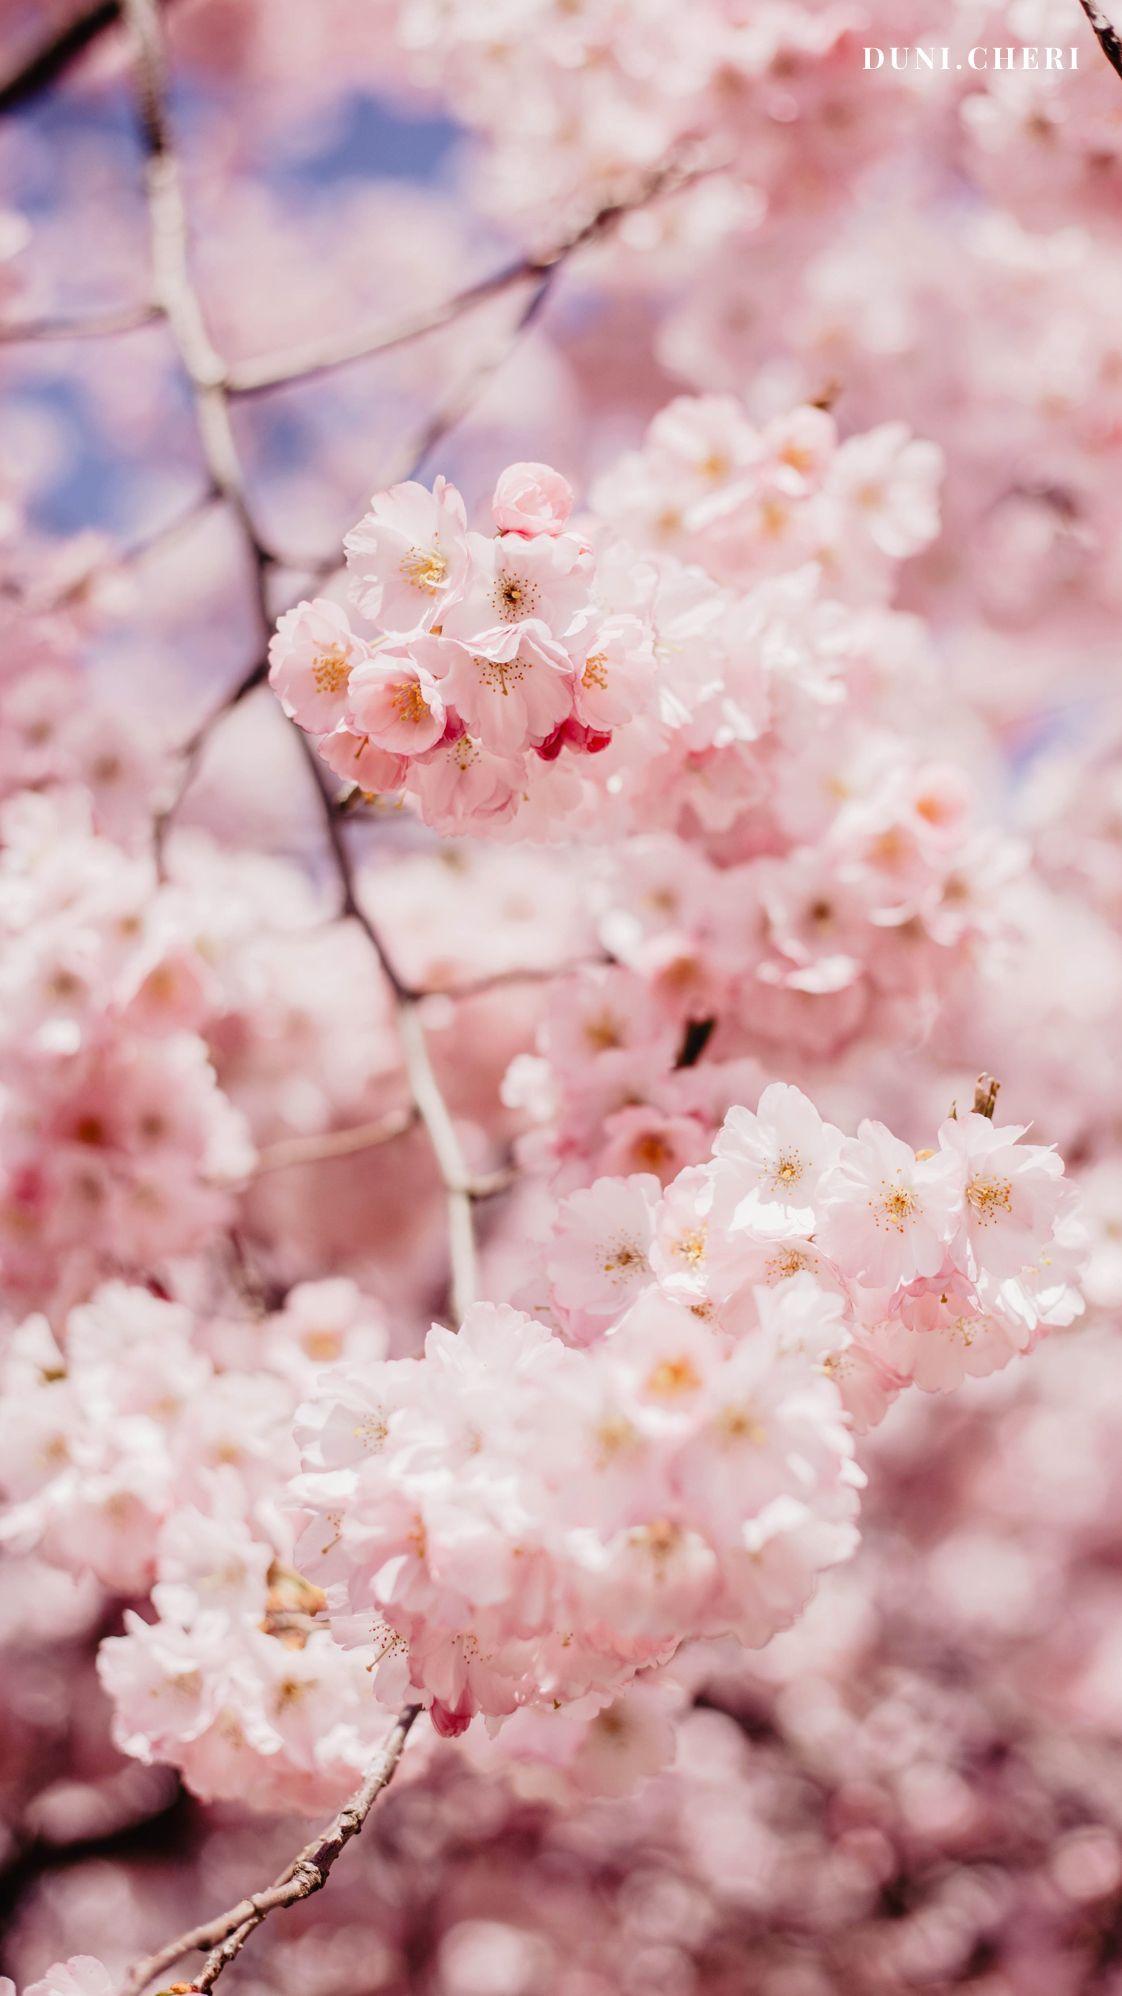 Kirschbluten Wallpaper Free Cherry Blossom Wallpaper Flower Phone Wallpaper Flowers Photography